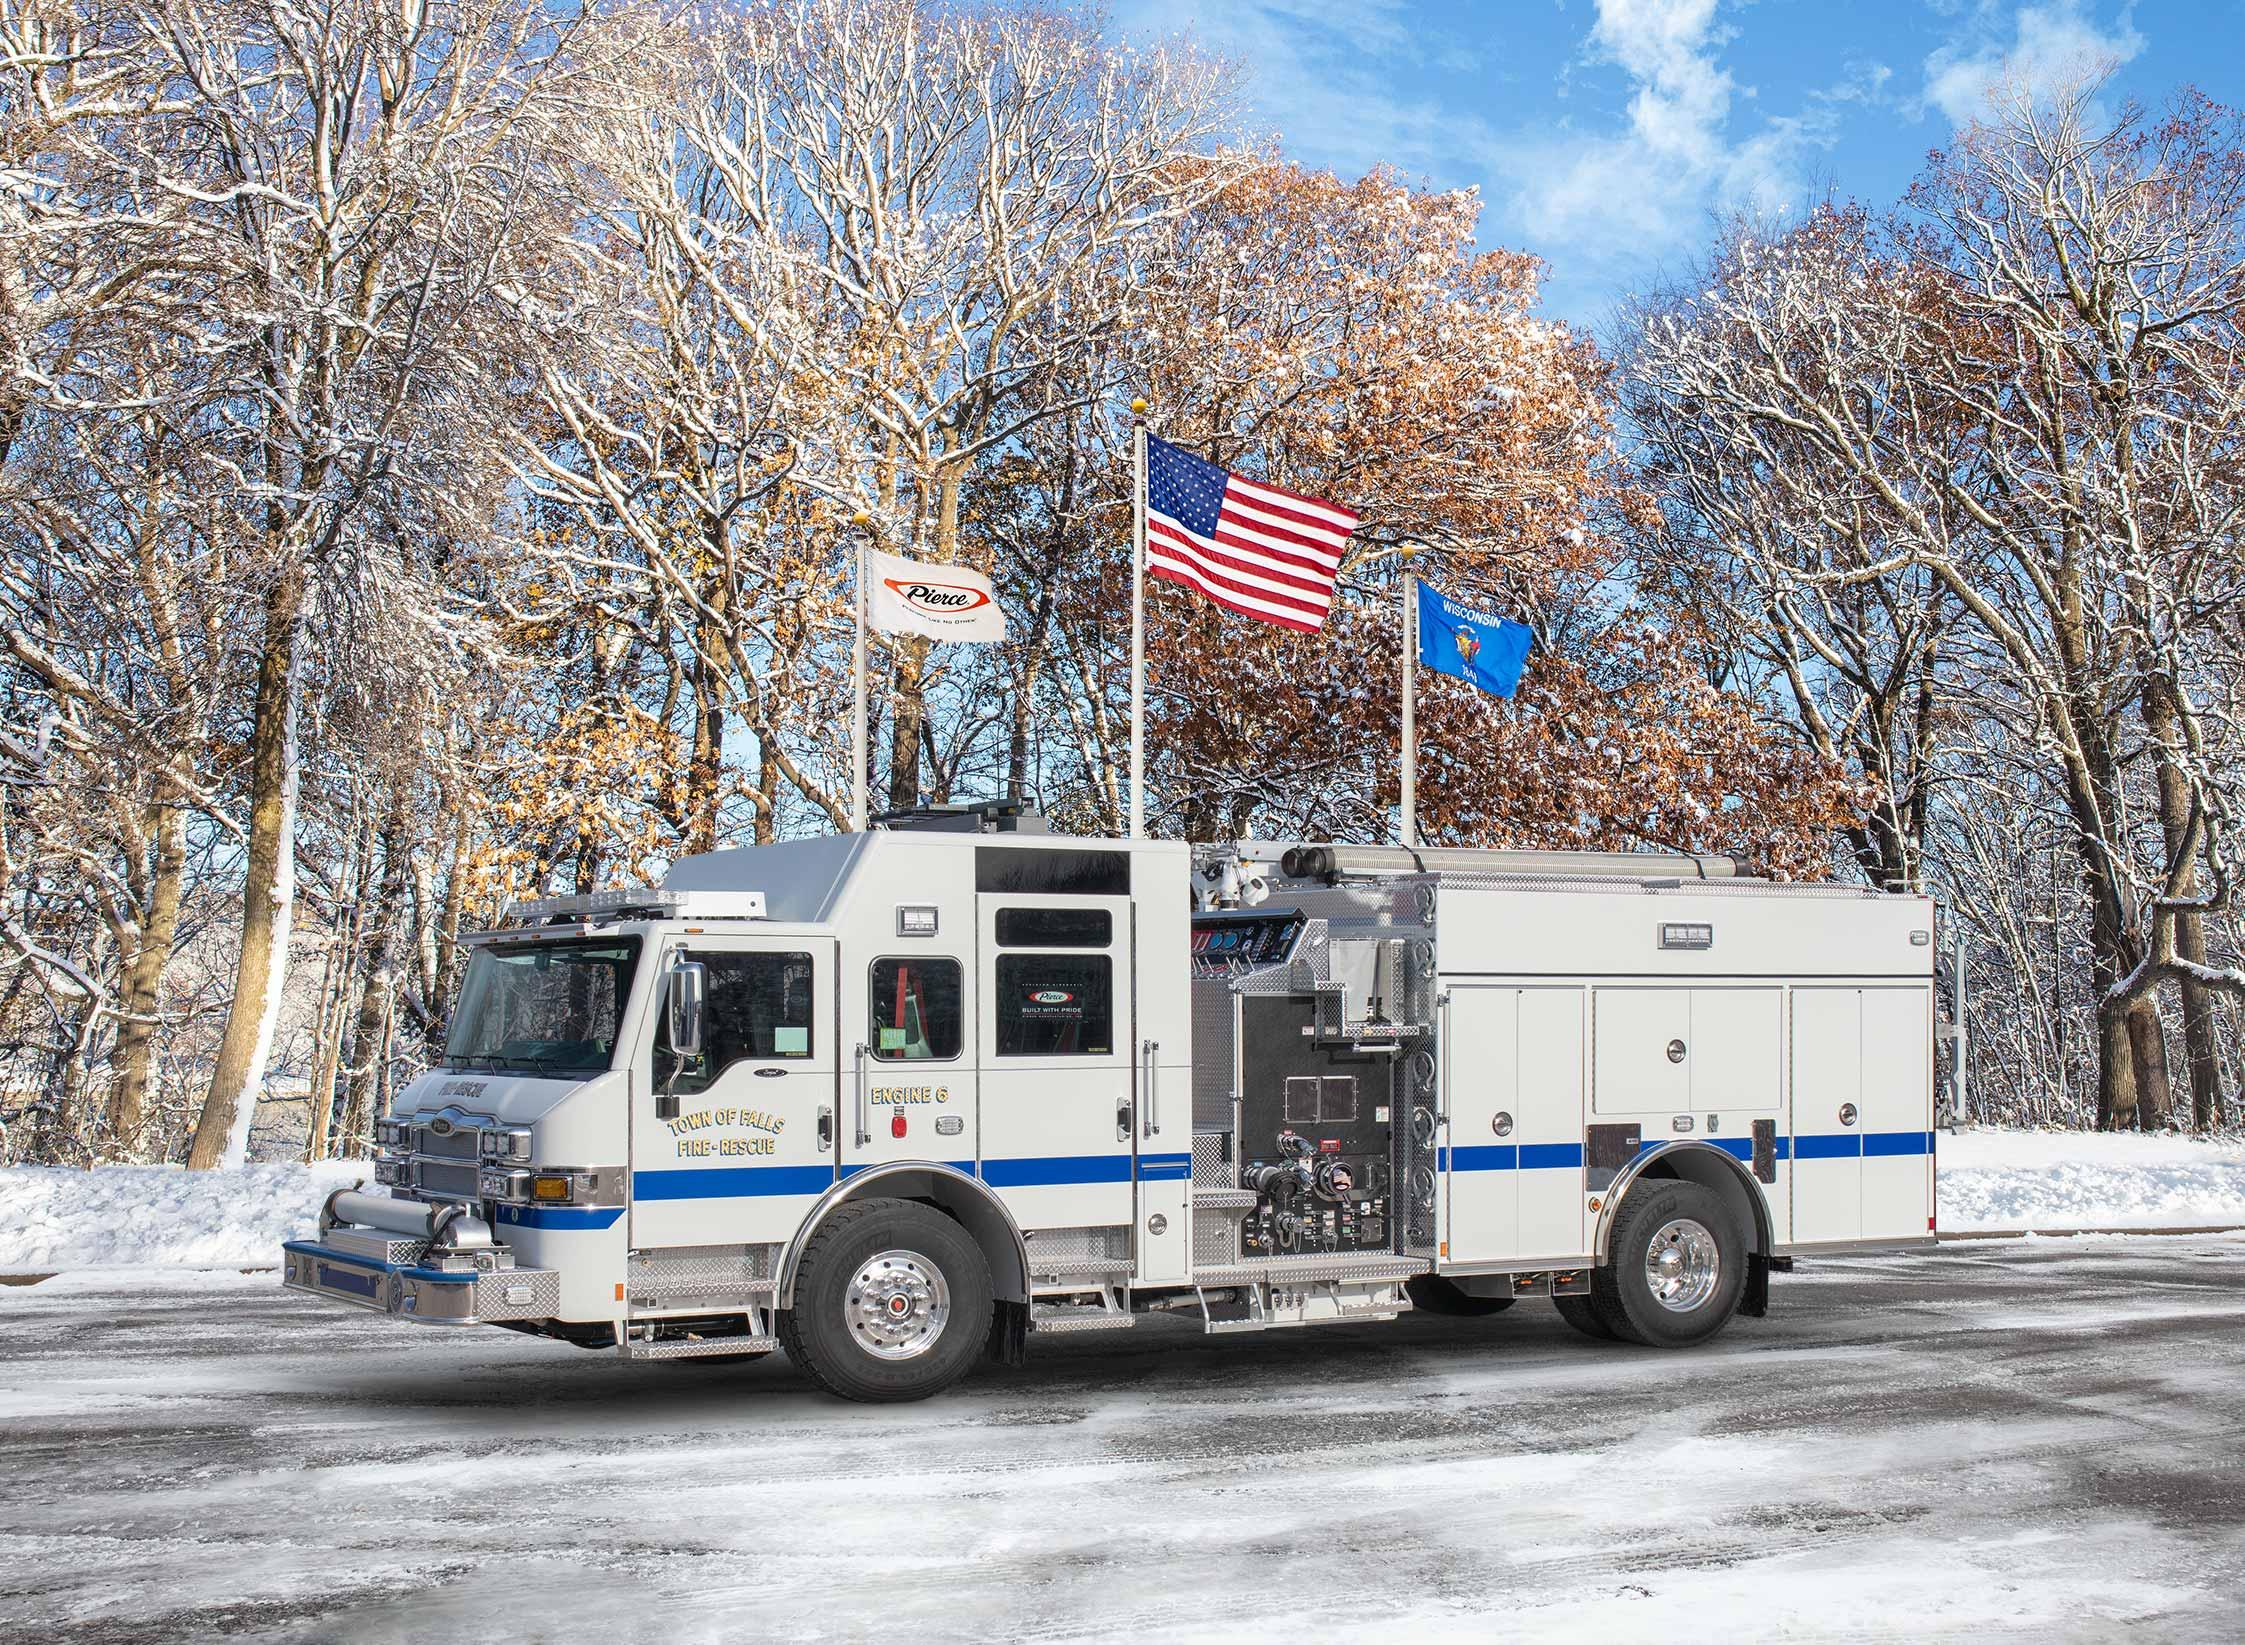 Town of Sheboygan Falls Fire & Rescue - Pumper